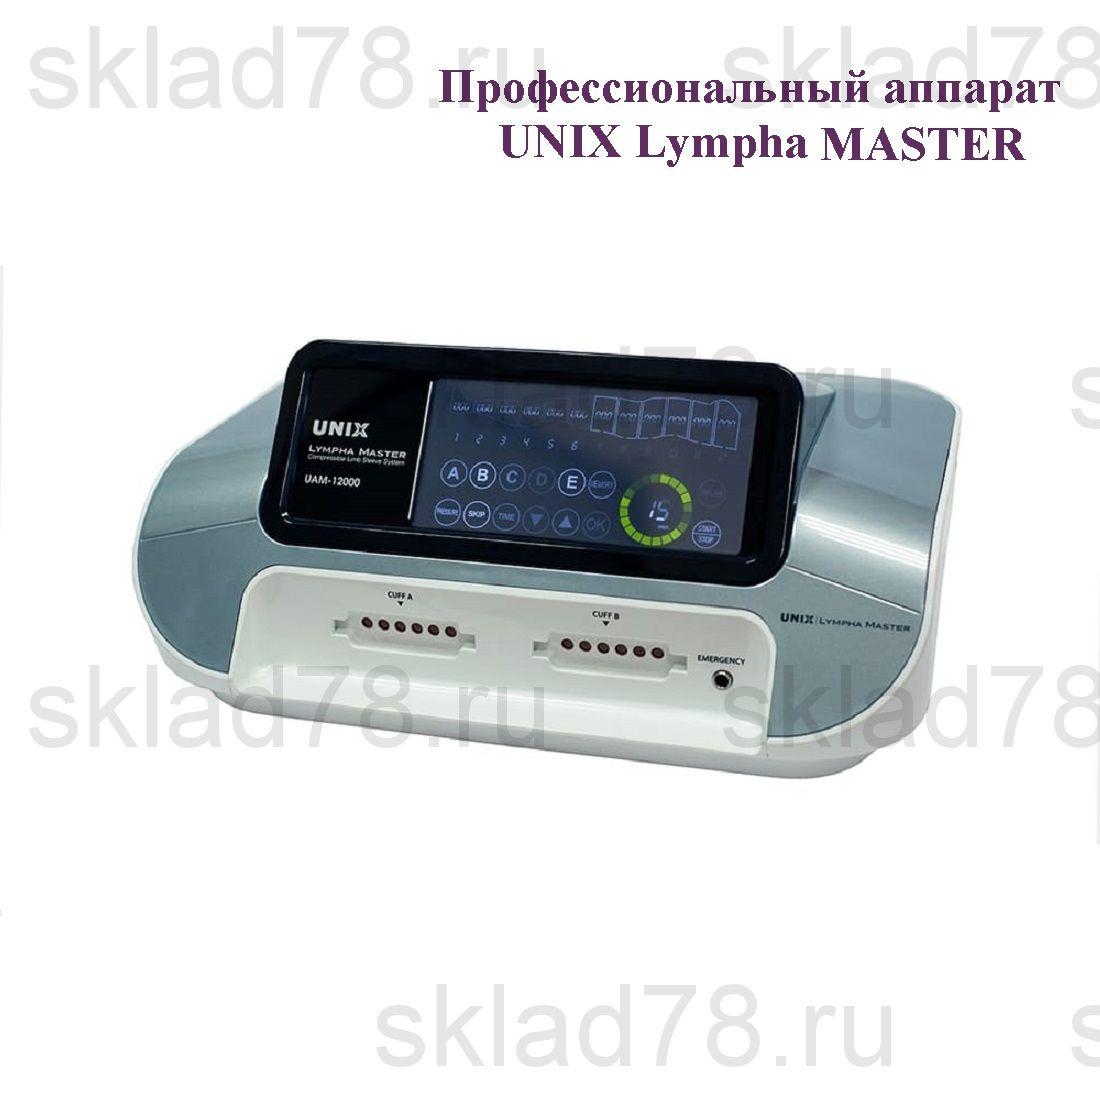 UNIX LYMPHA MASTER аппарат для прессотерапии (лимфодренажа)